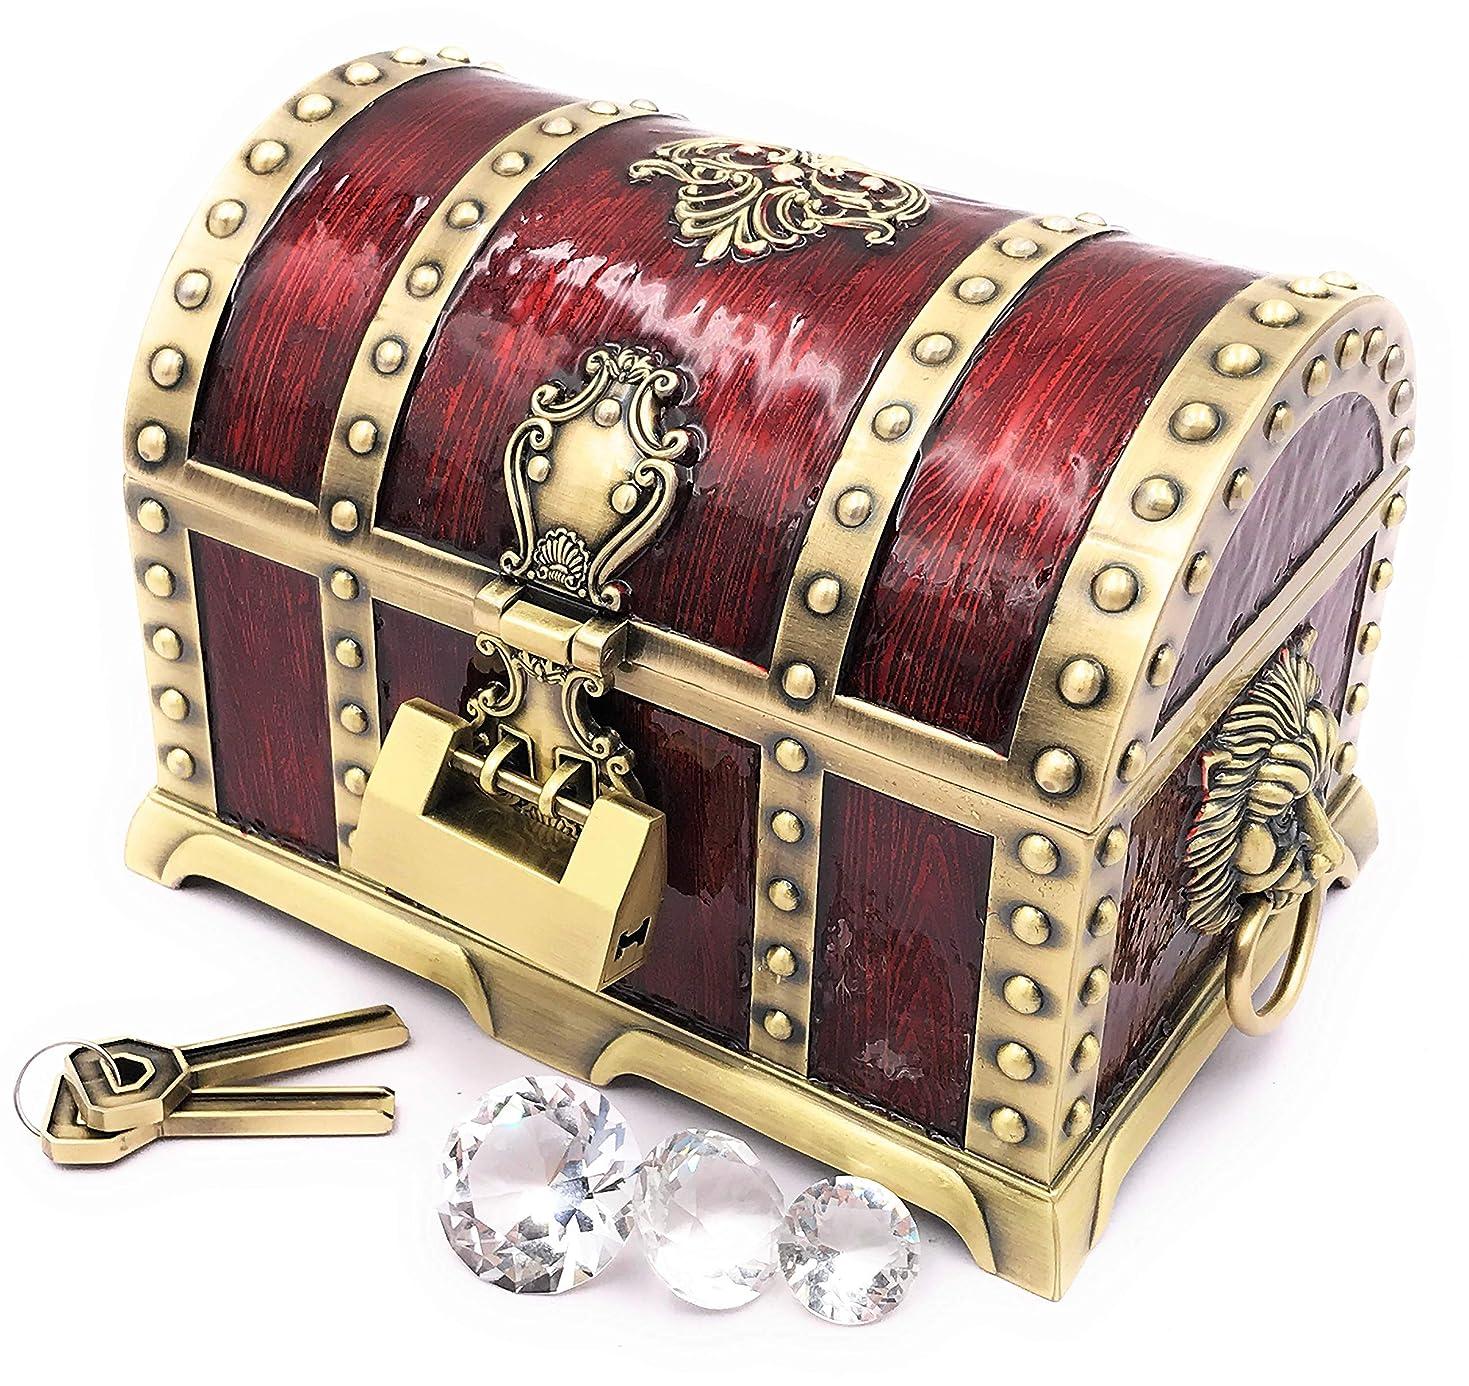 不確実バイオリン起訴するまるで海賊の宝箱 アンティーク 宝石箱 ジュエリーボックス レトロな鍵と水晶ダイヤ3種付き 小物入れ インテリア 置物 オブジェ プレゼント ドラクエ 宝箱 宝石 レトロ (濃い赤,大)